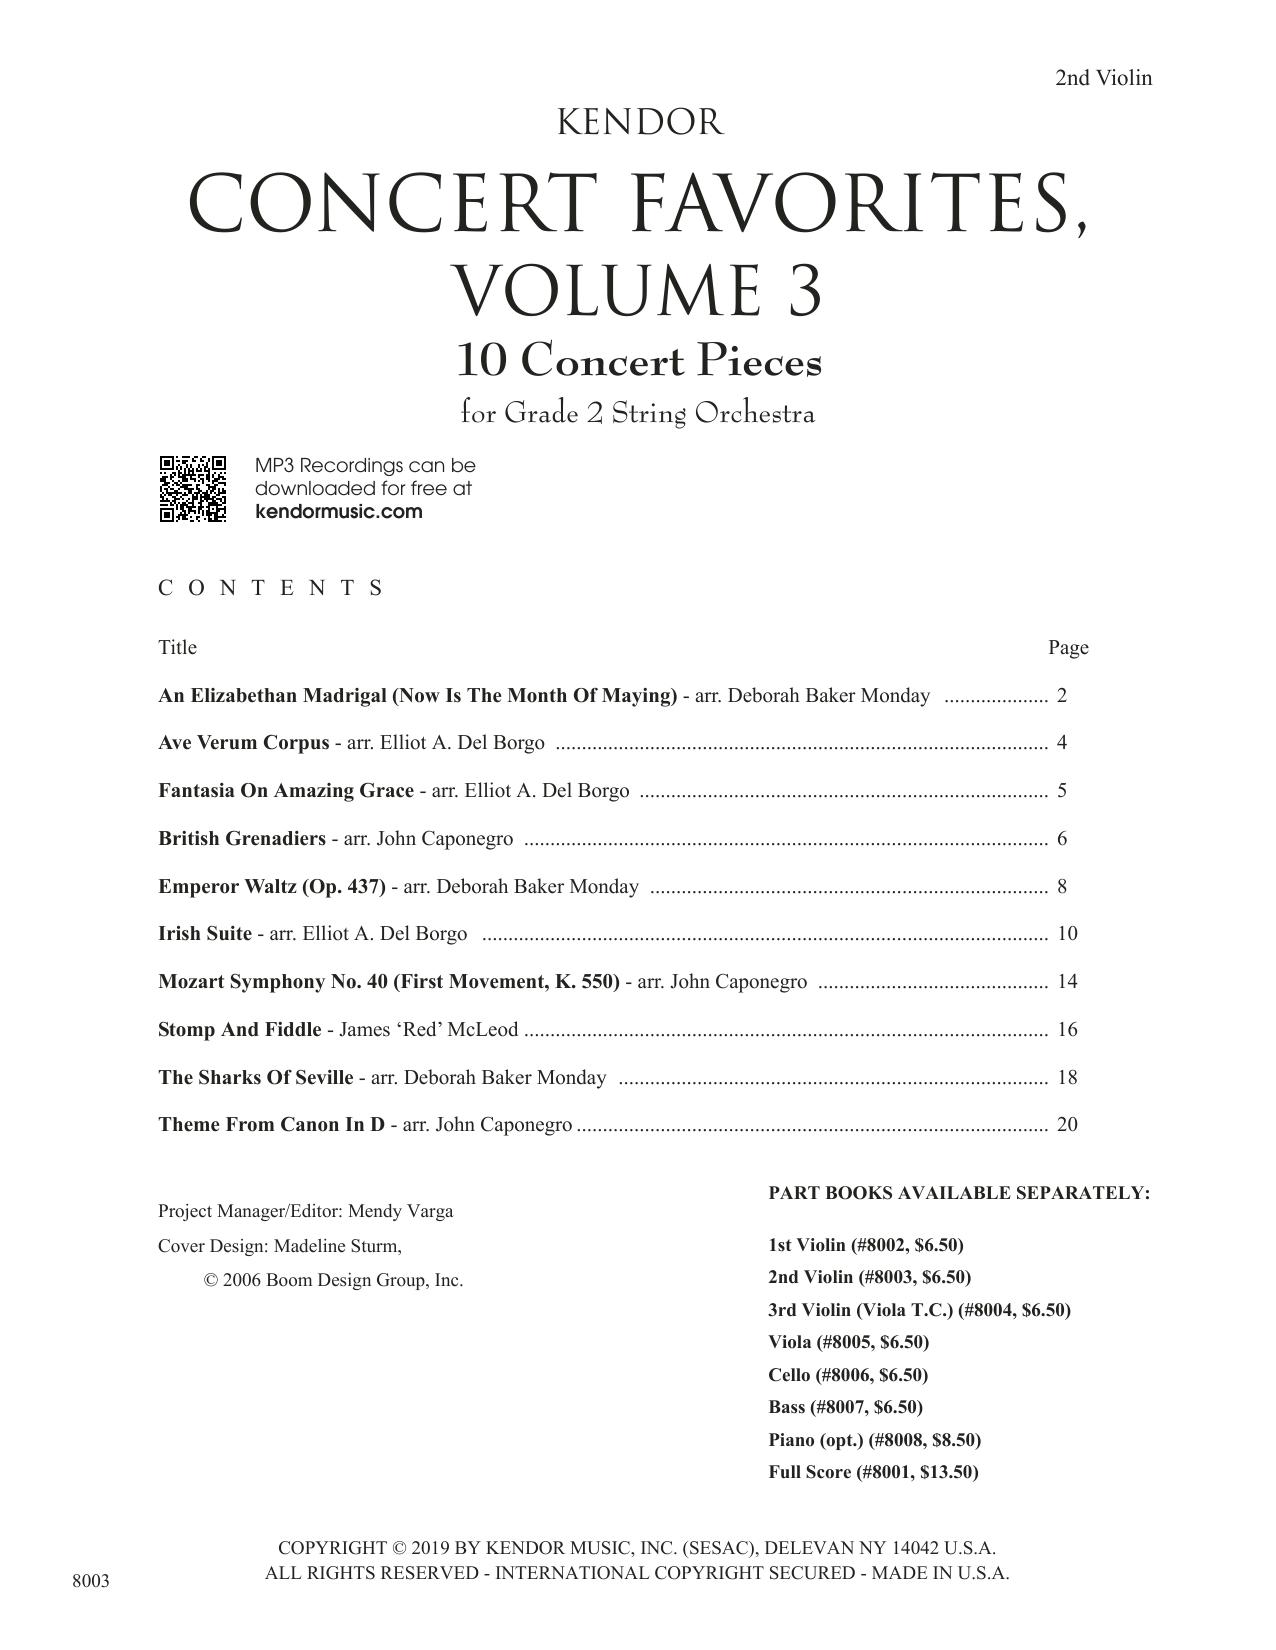 Kendor Concert Favorites, Volume 3 - 2nd Violin Sheet Music